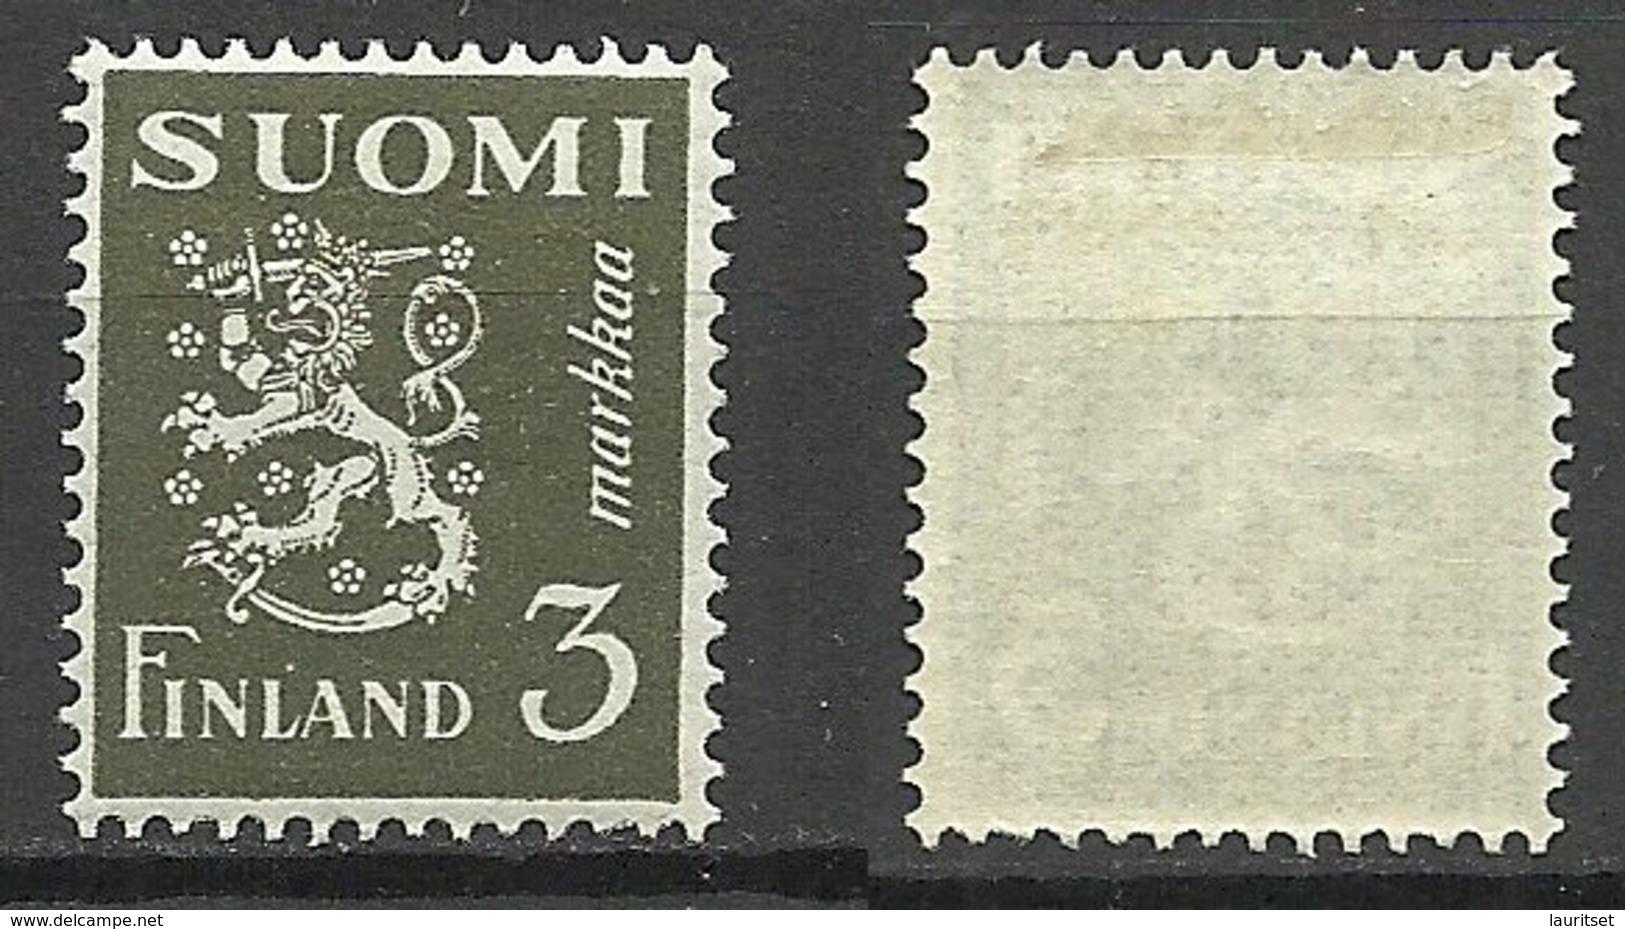 FINLAND Finnland SUOMI 1930 Michel 154 * - Finland